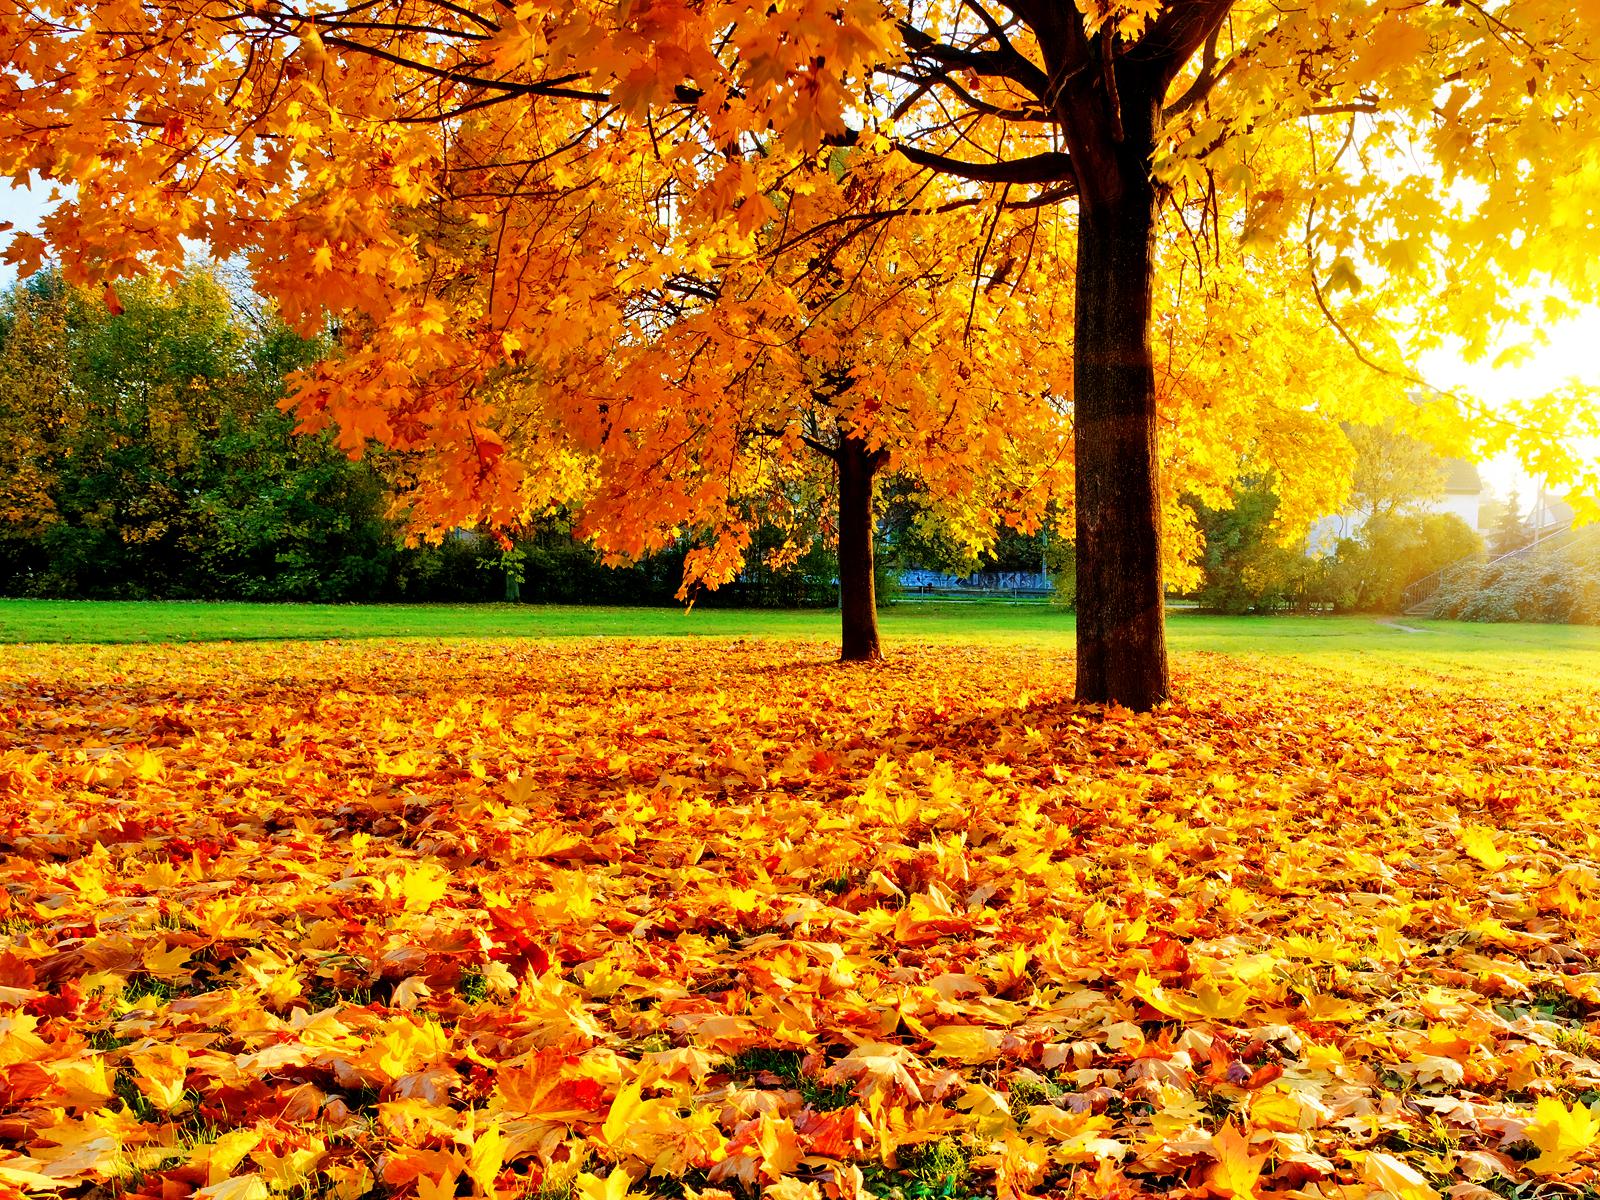 central park autumn wallpaper Car Pictures 1600x1200